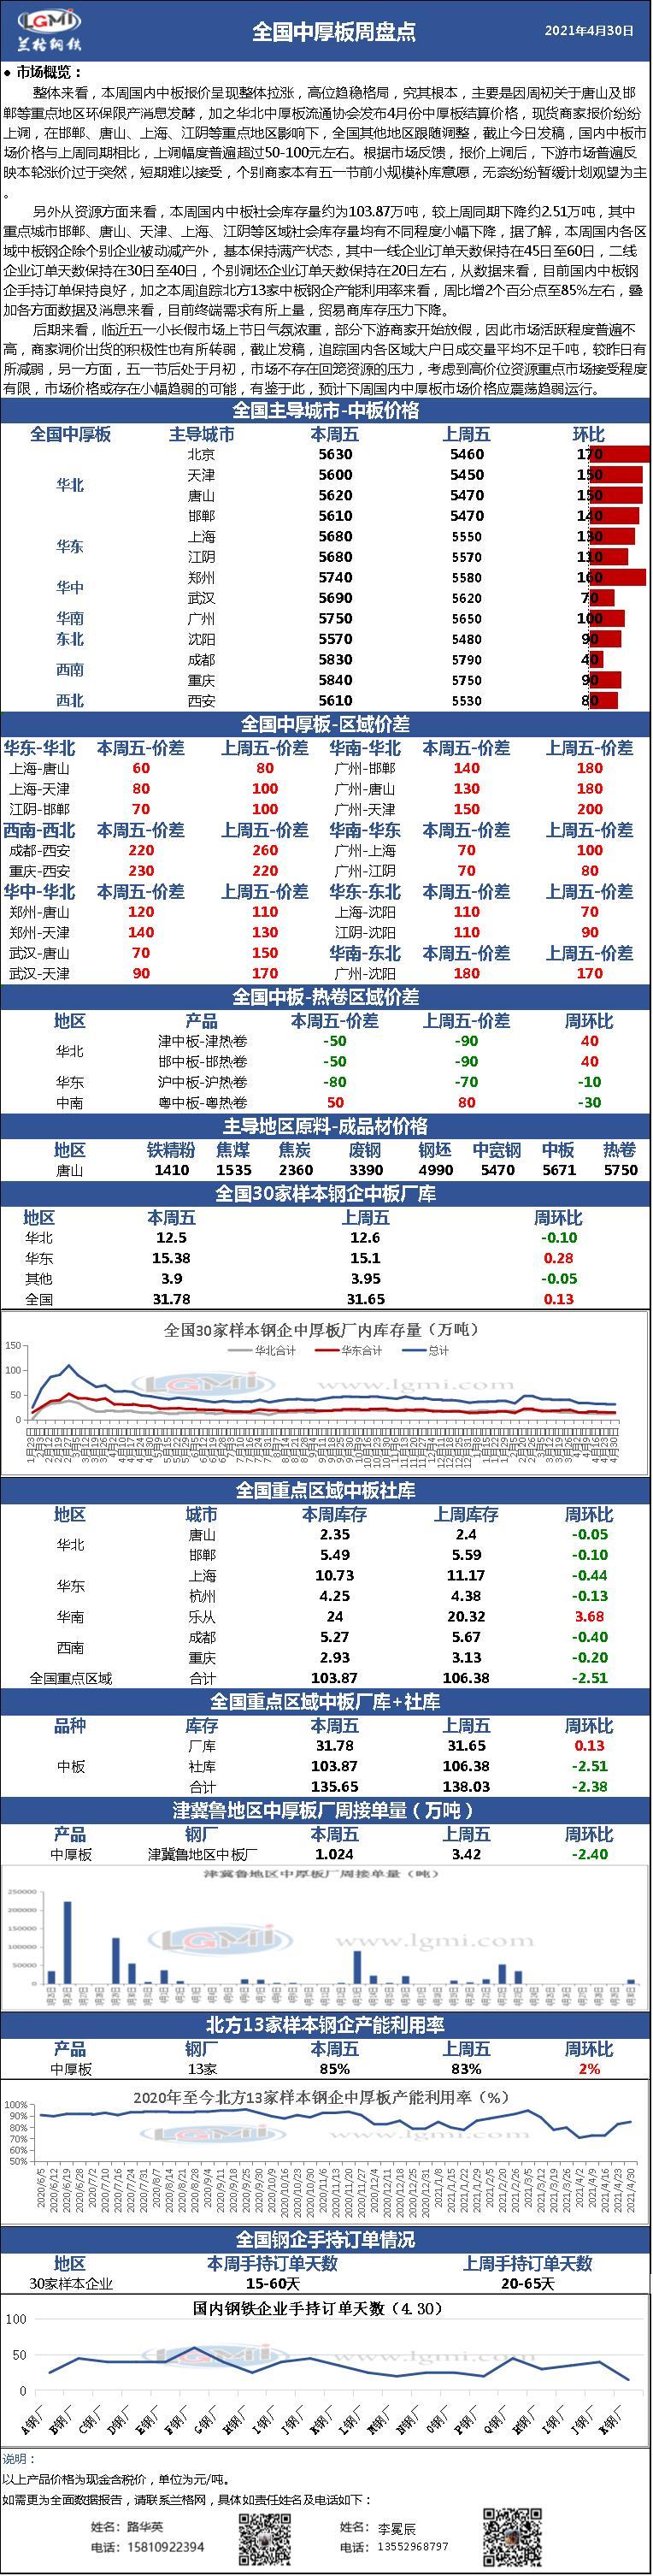 兰格中厚板周盘点(4.30):本周中板价格整体拉涨 五一节前备货意愿较差 节后或高位趋弱走势